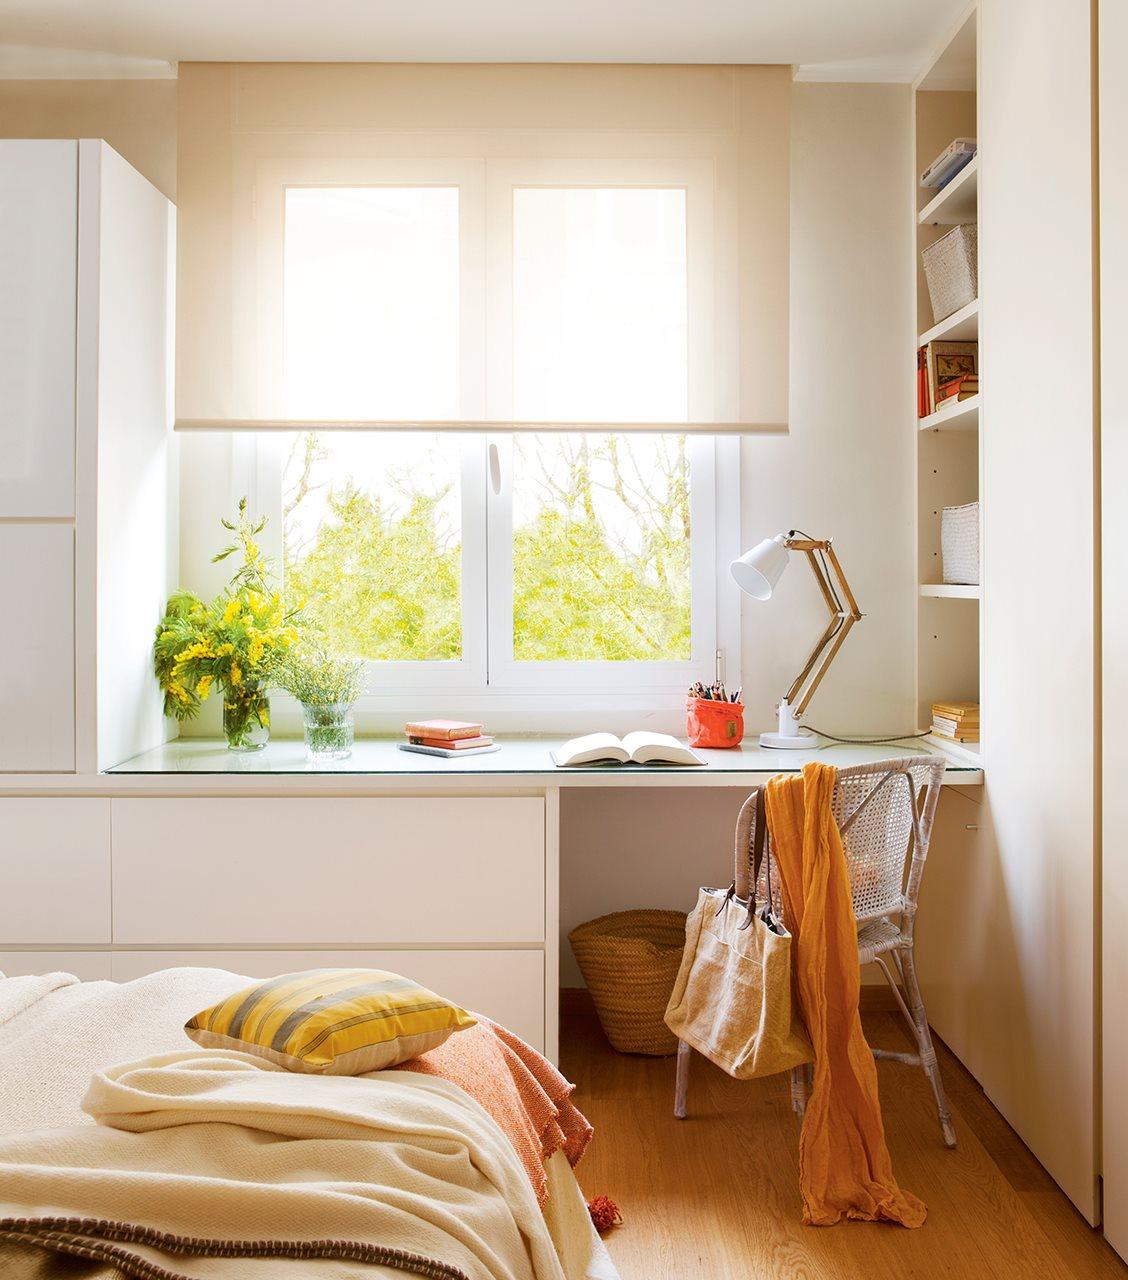 Un piso familiar reformado para ganar luz y comodidad - Organizar habitacion ninos ...